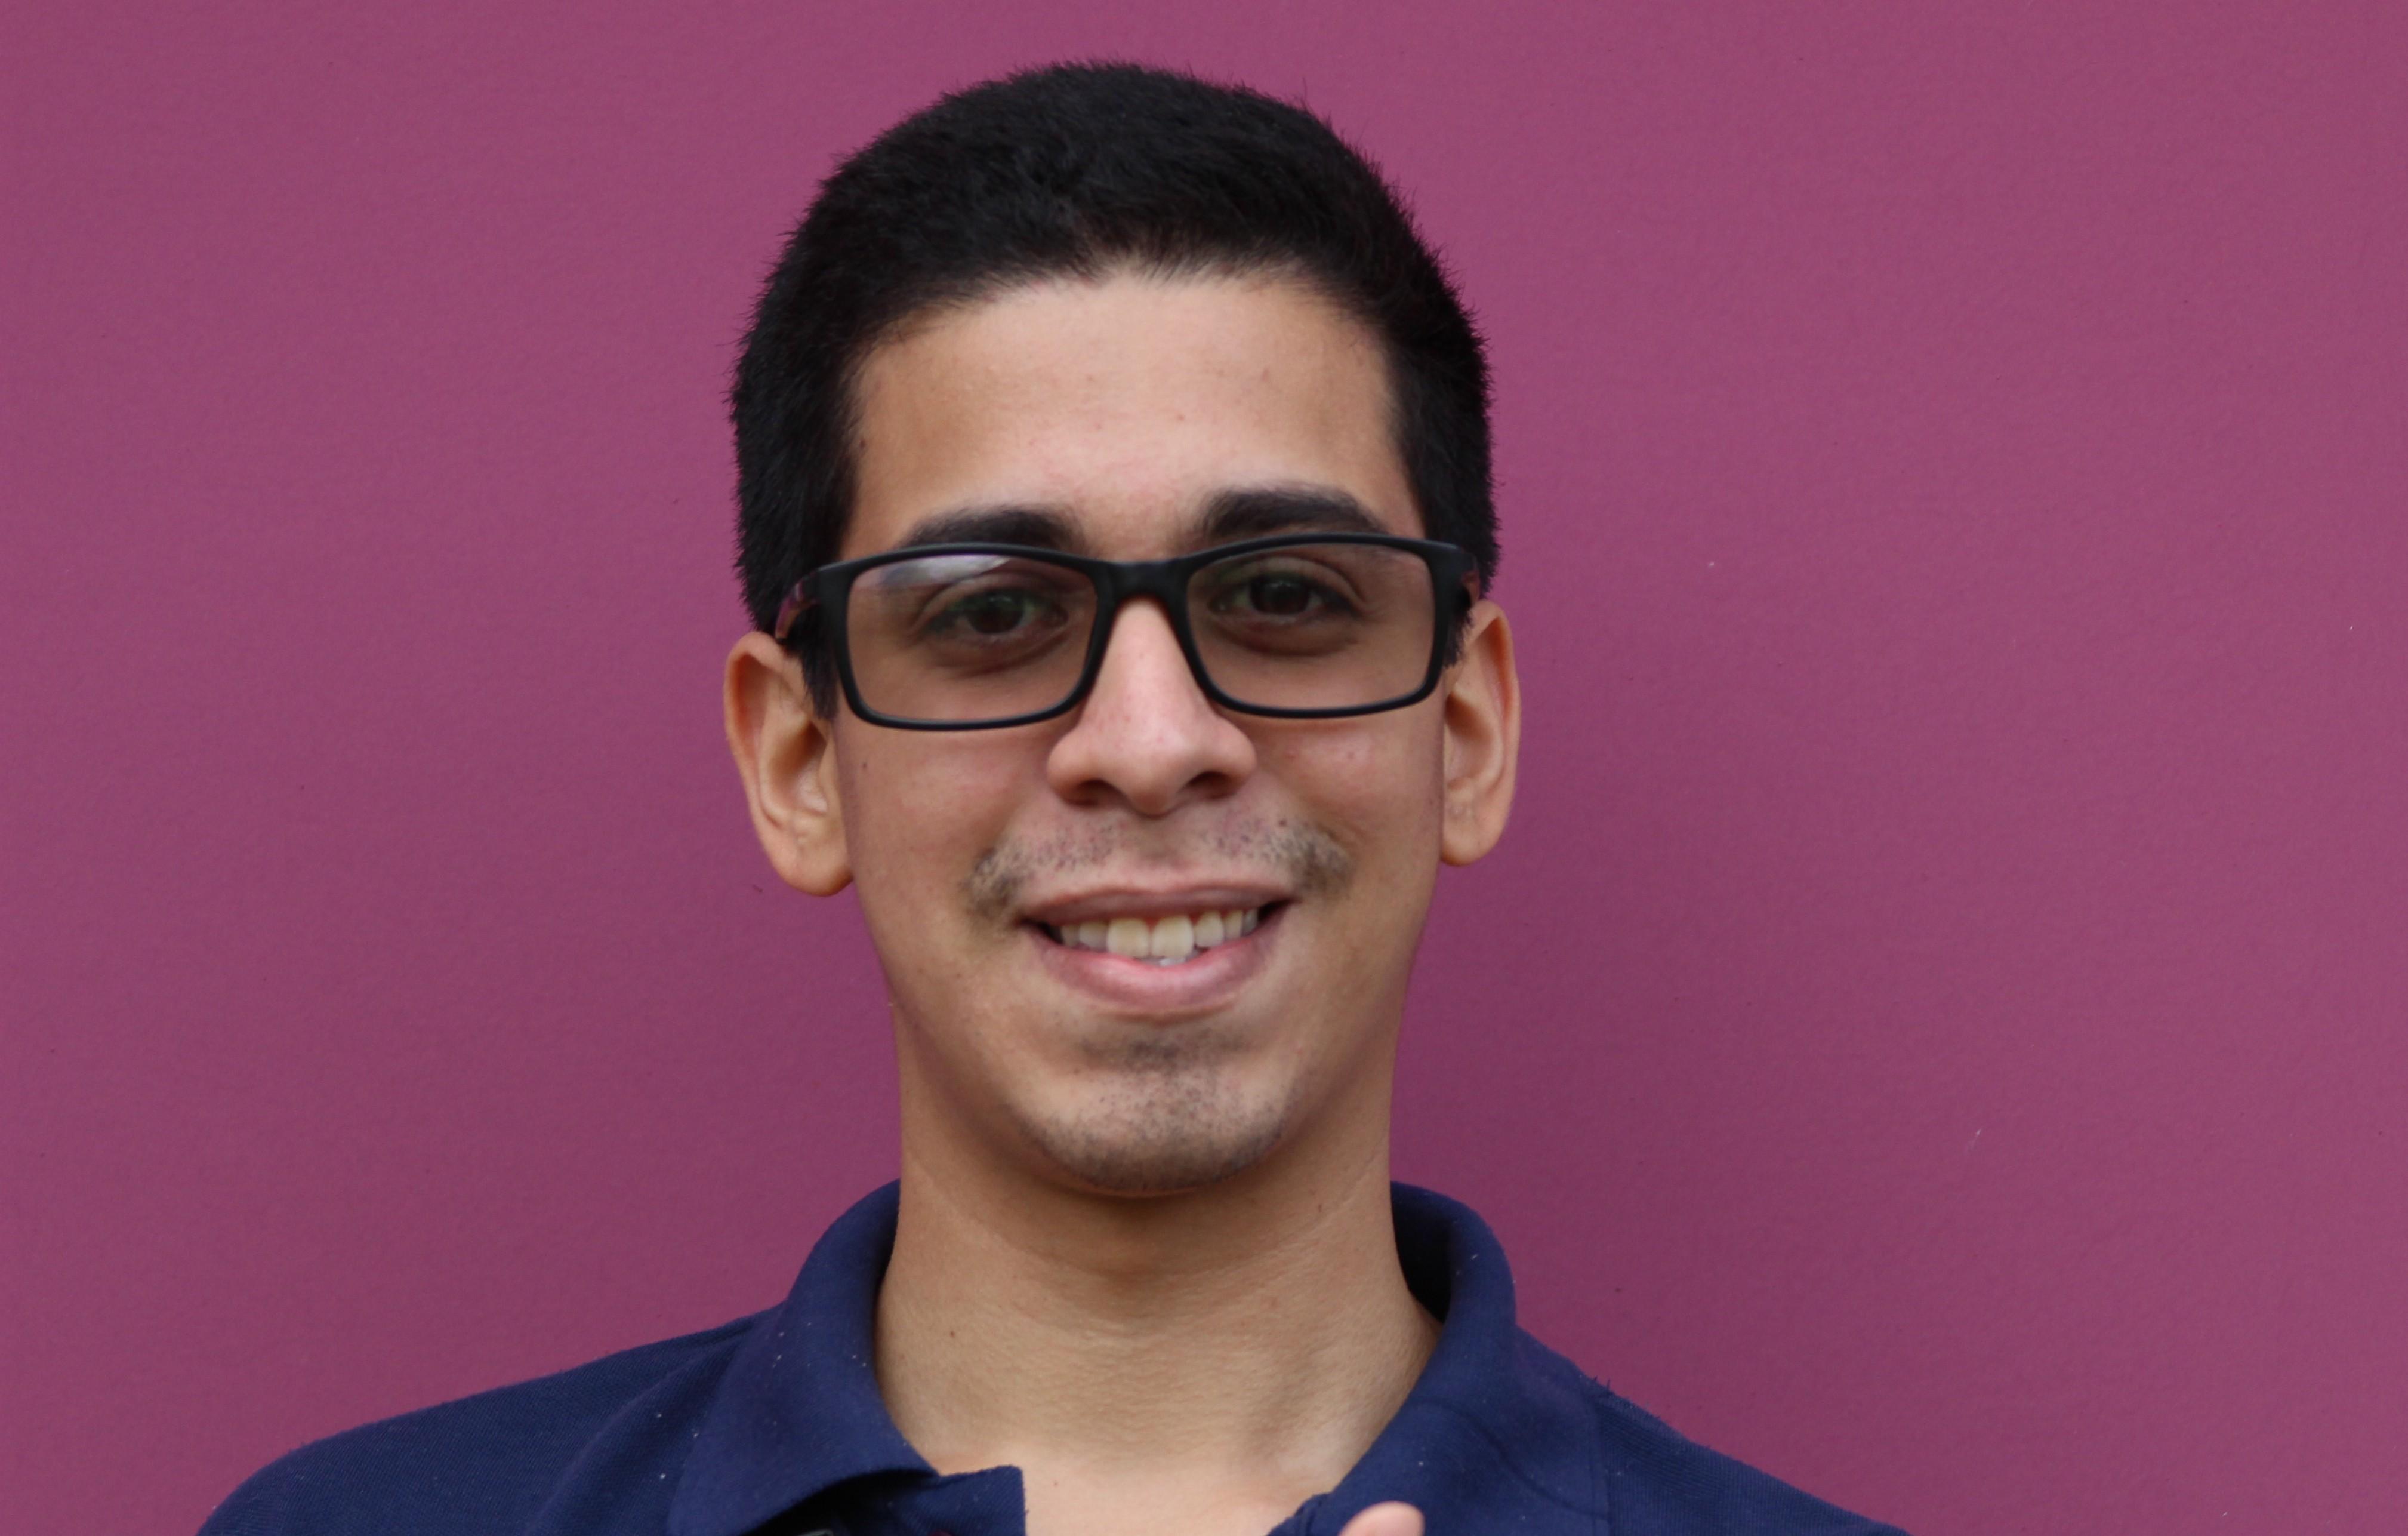 Foto do estudante Carlos Torres